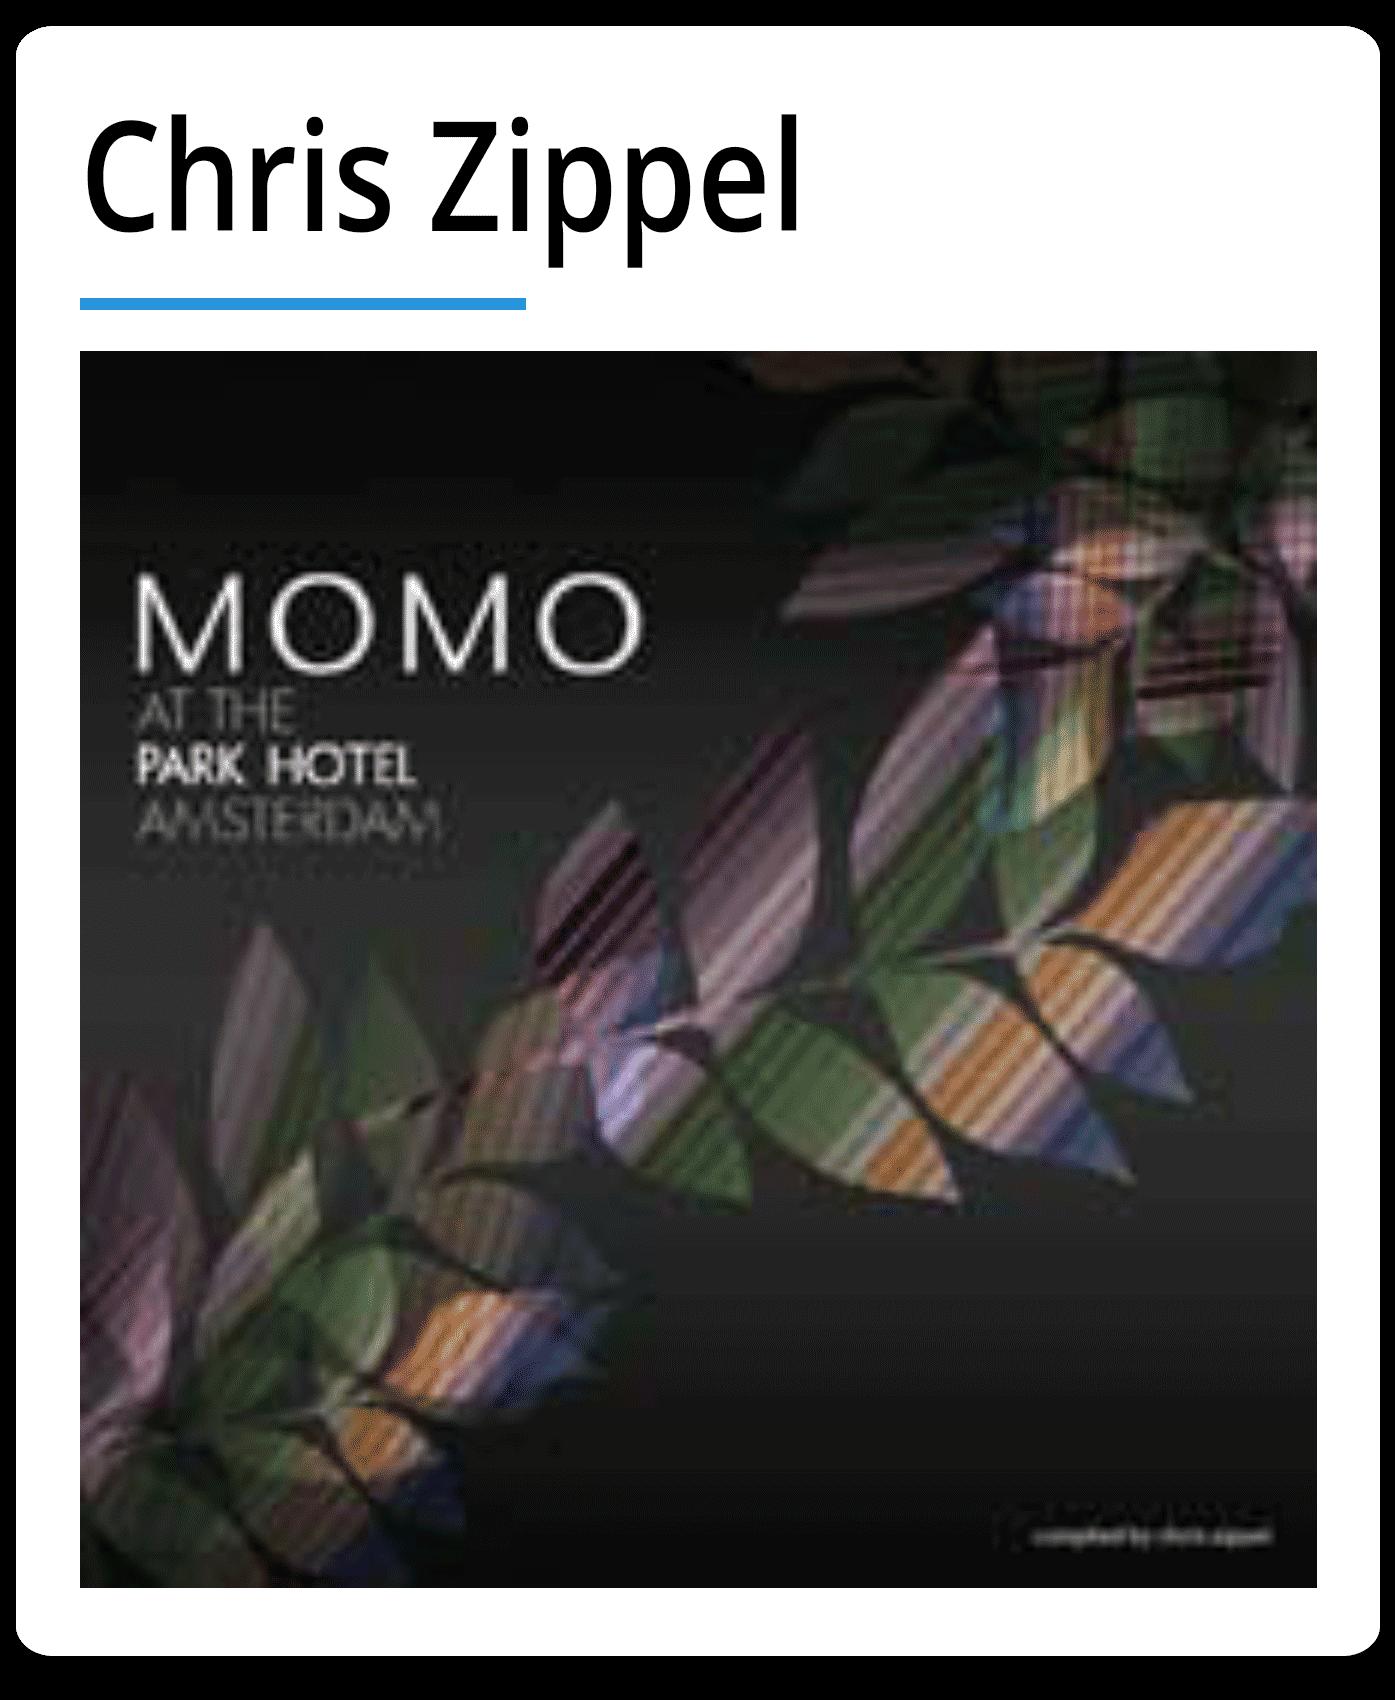 Chris Zippel